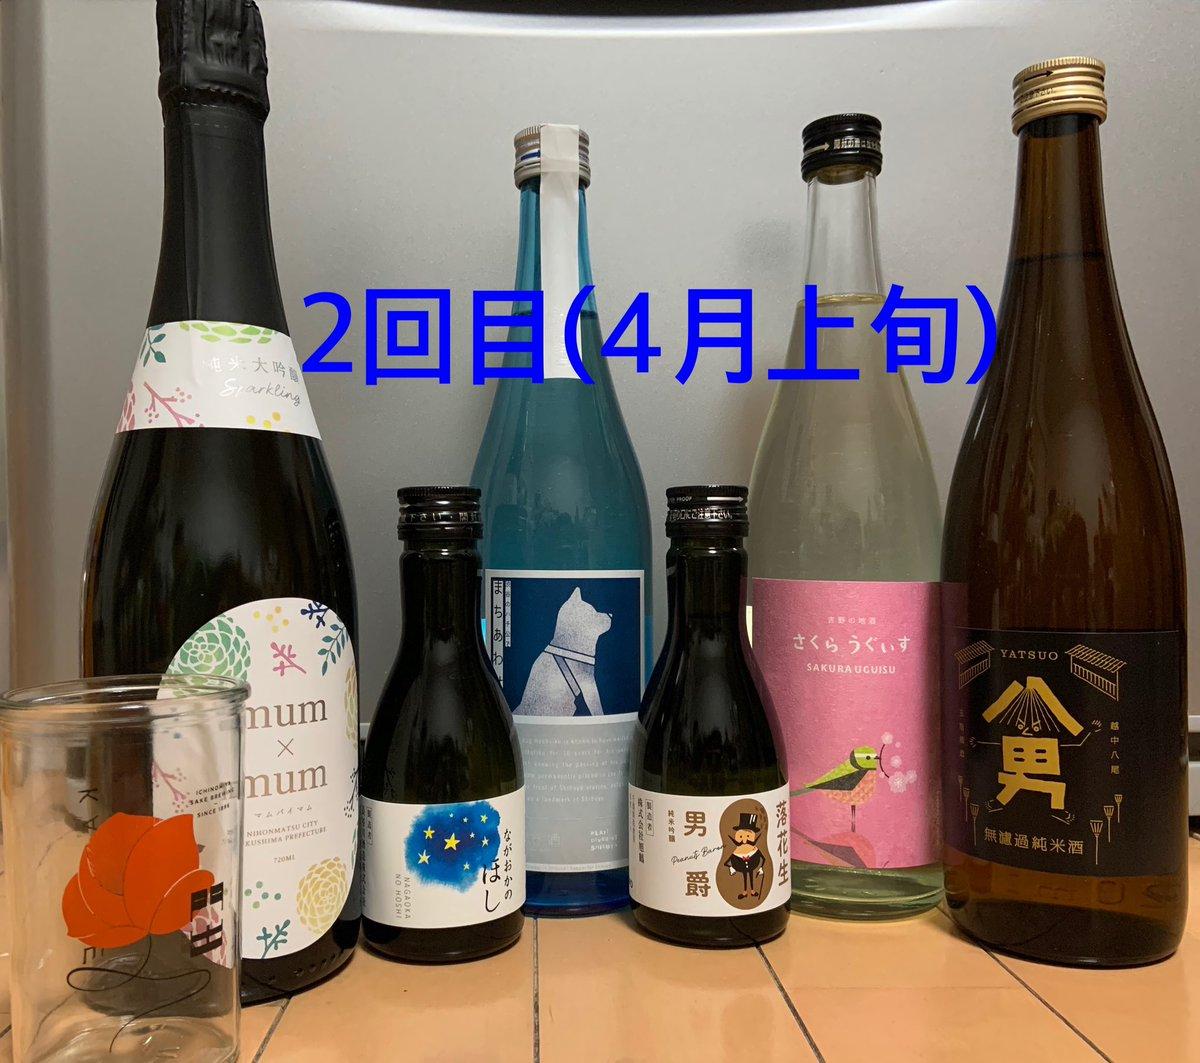 test ツイッターメディア - #酒ガチャ 届いた! 実は3回目。未だに被りなし。 金銀は佐々木酒造なんだ。京都に行った時に時々買って帰る。「まるたけえびす」が飲みやすくて好き。 https://t.co/eO6xJw1Csj